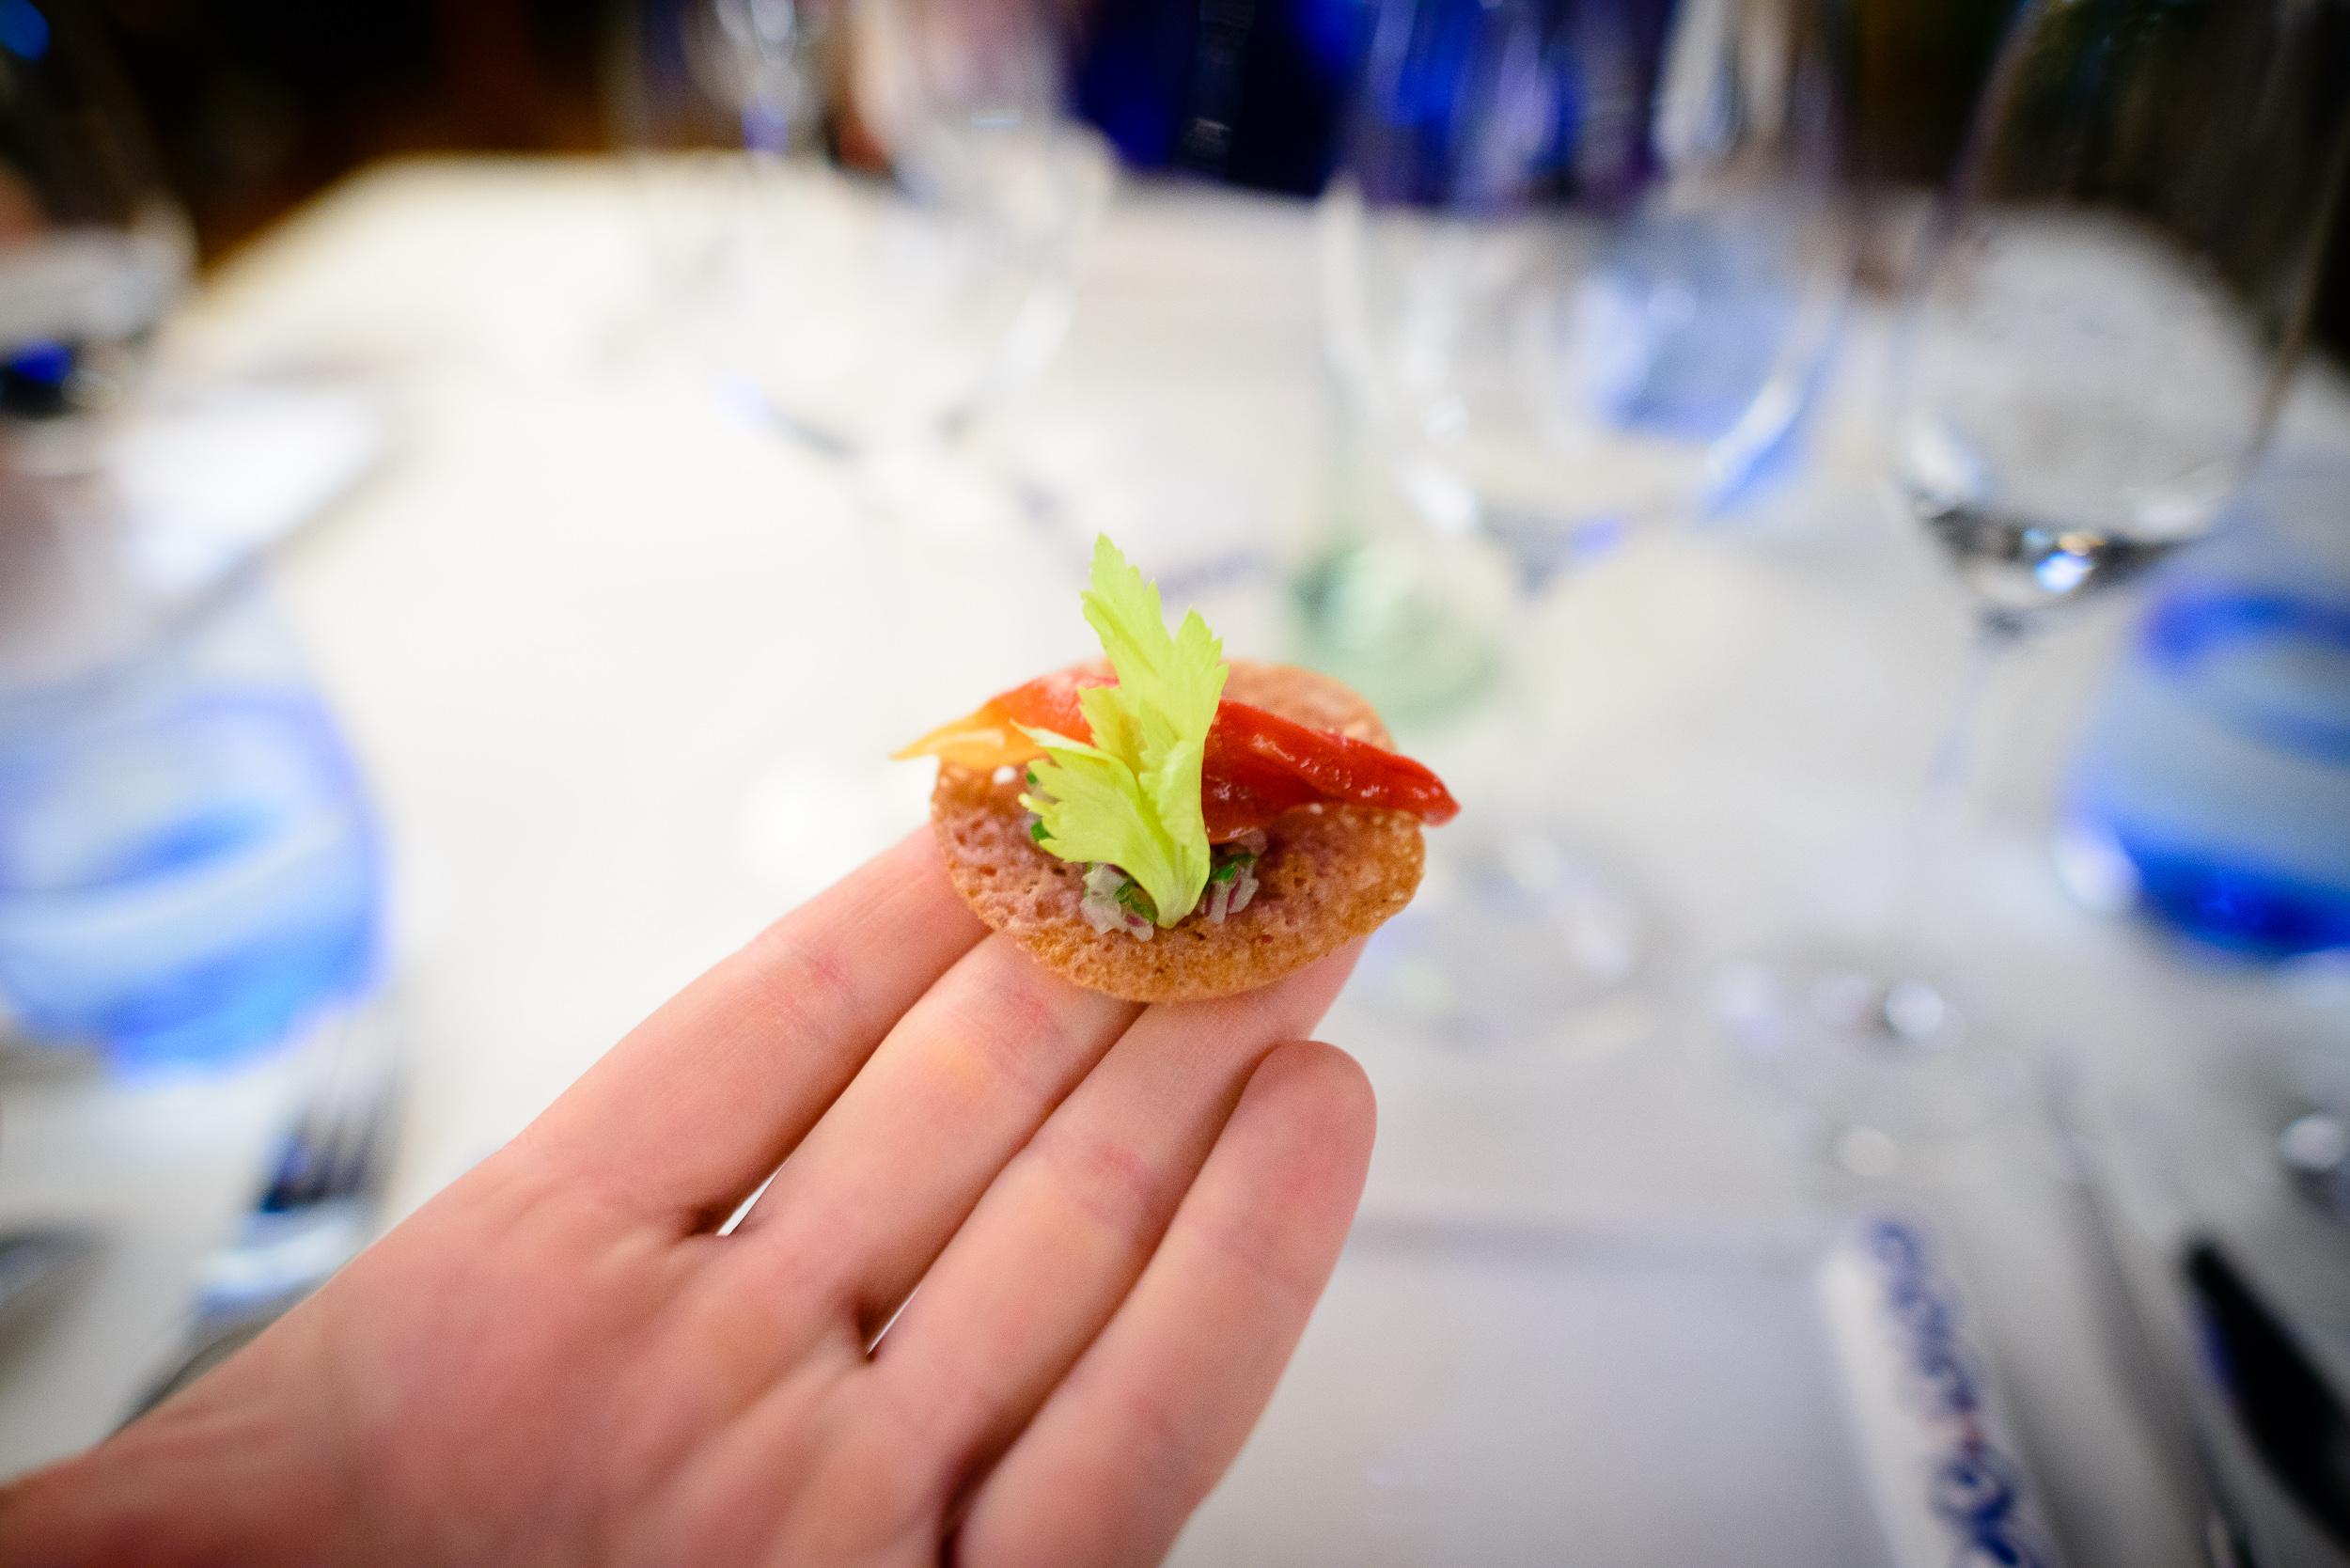 1st Course: Tostada de almeja (chocolate clam tostada), up close